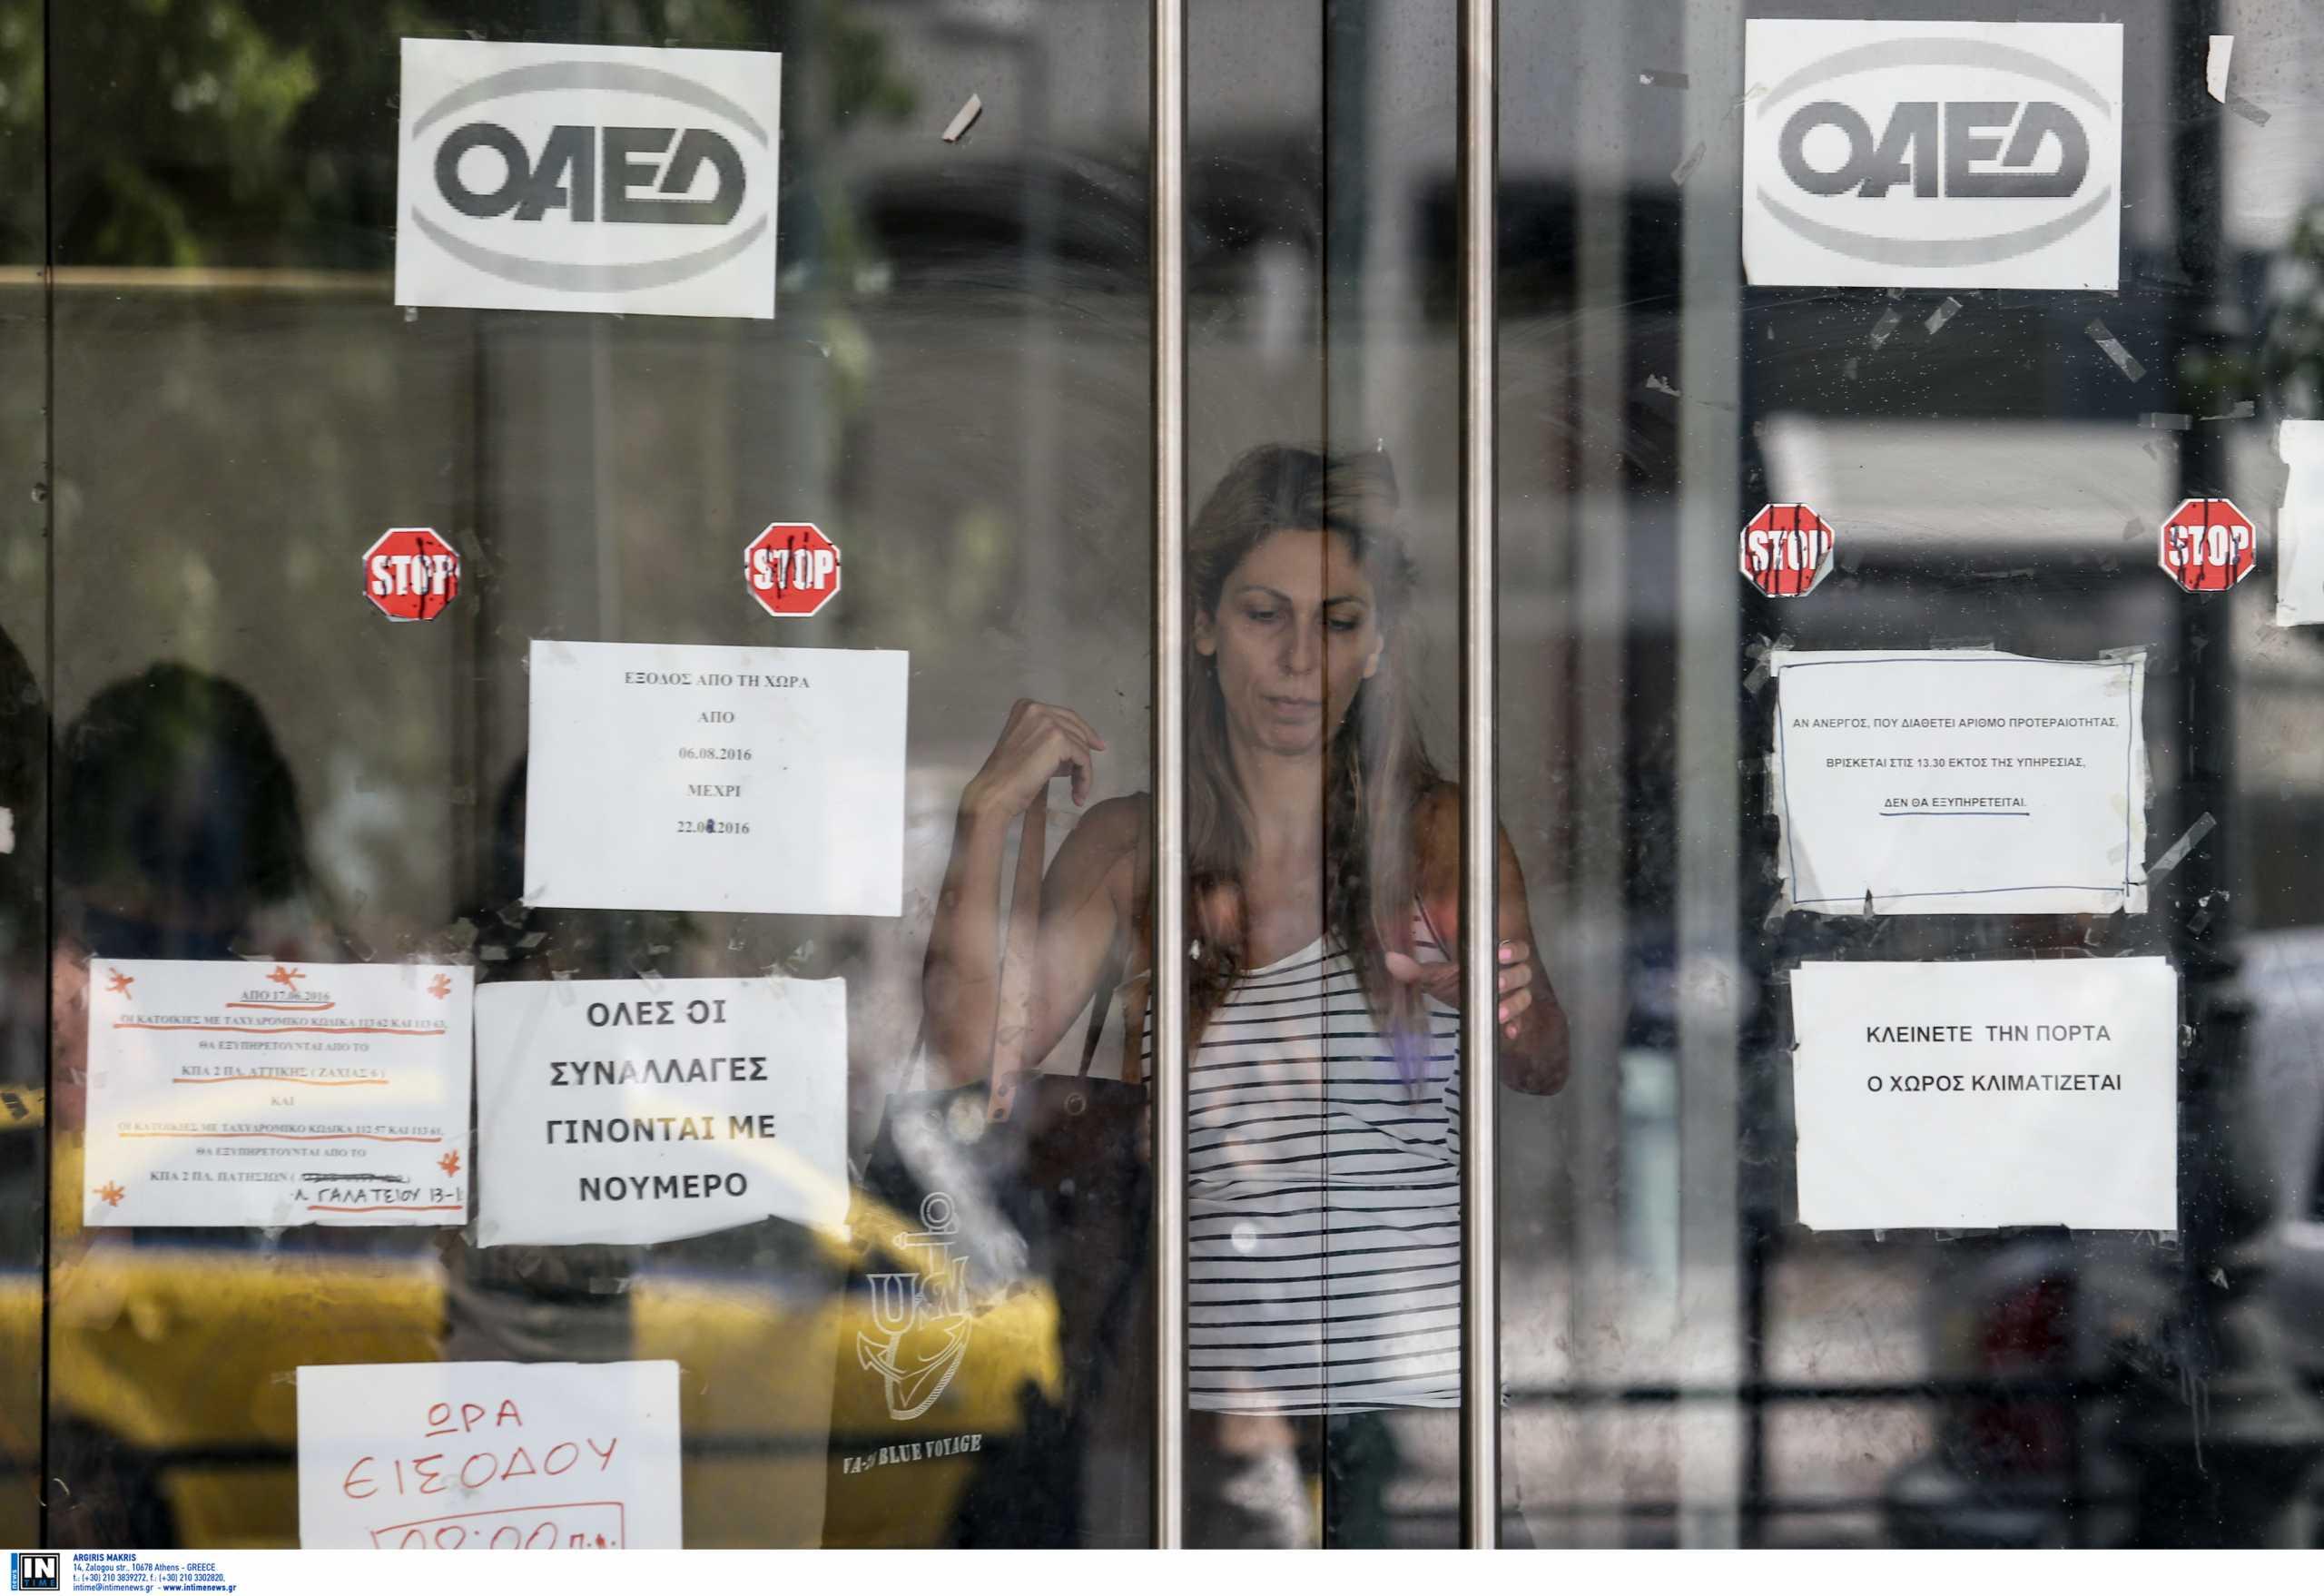 ΟΑΕΔ: Πώς γίνεται η ανανέωση δελτίου ανεργίας